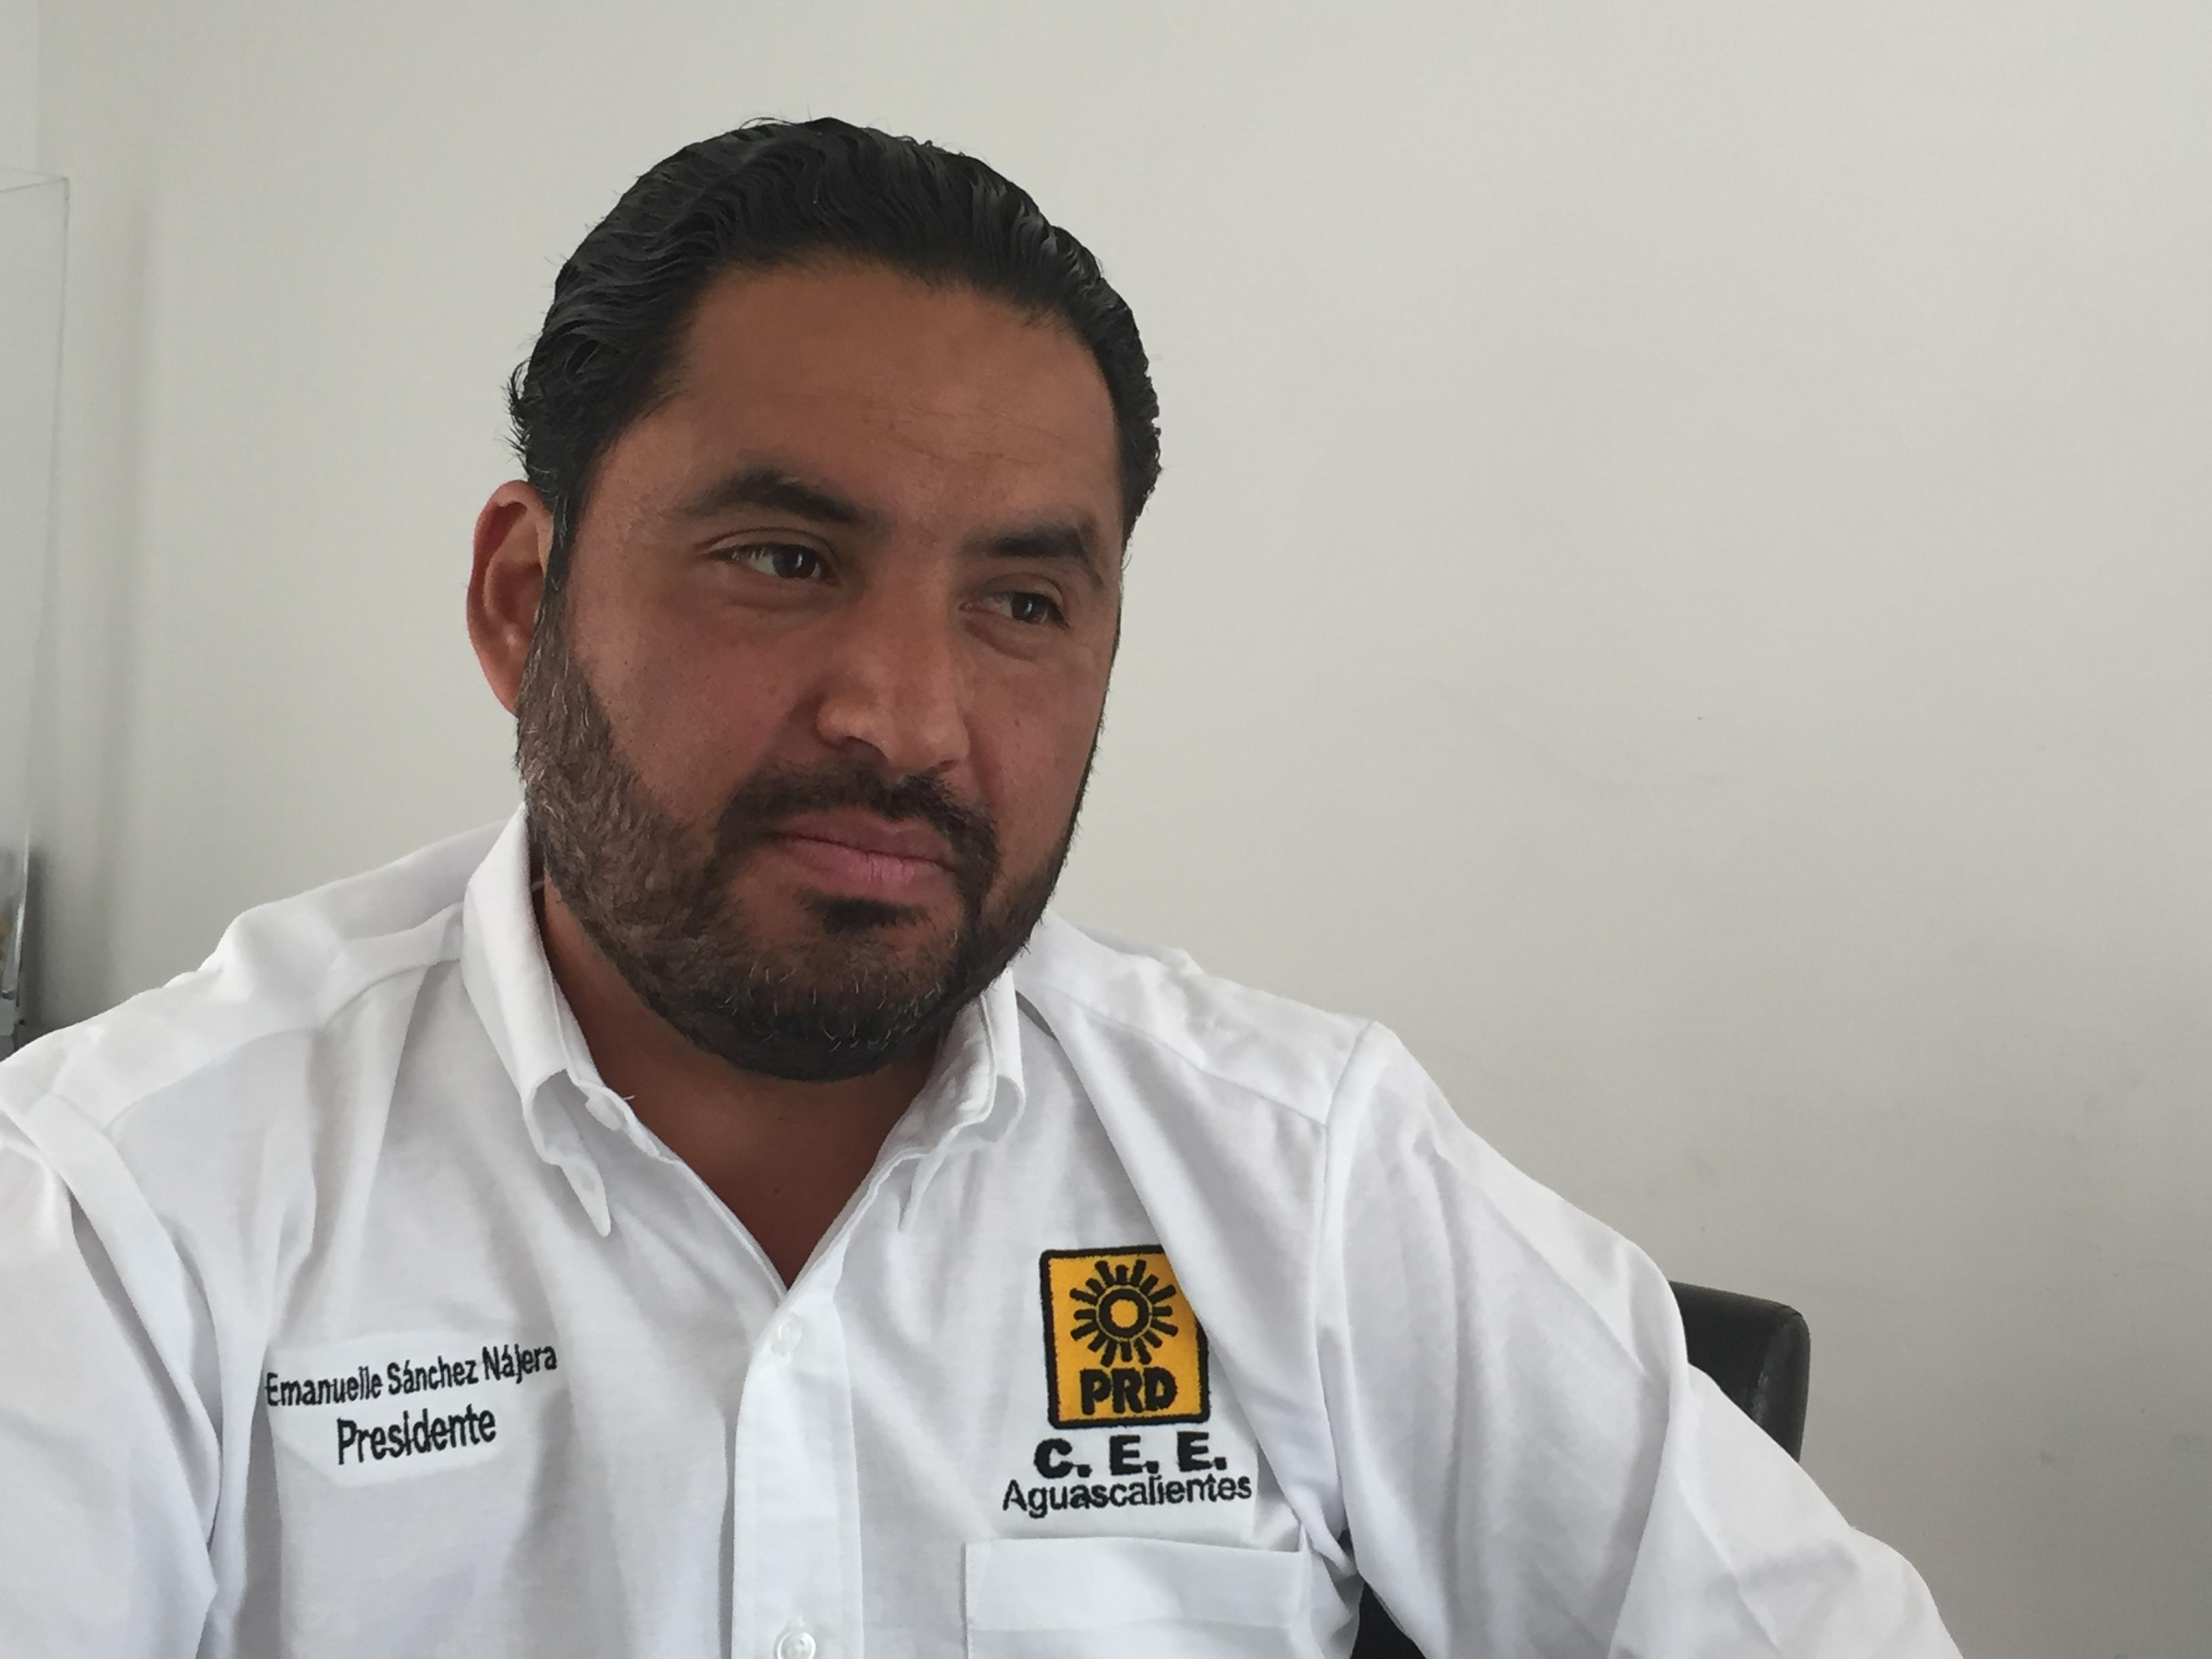 Recolección de Firmas de Politik Millennial y José Luis Morales no Tiene Validez: PRD